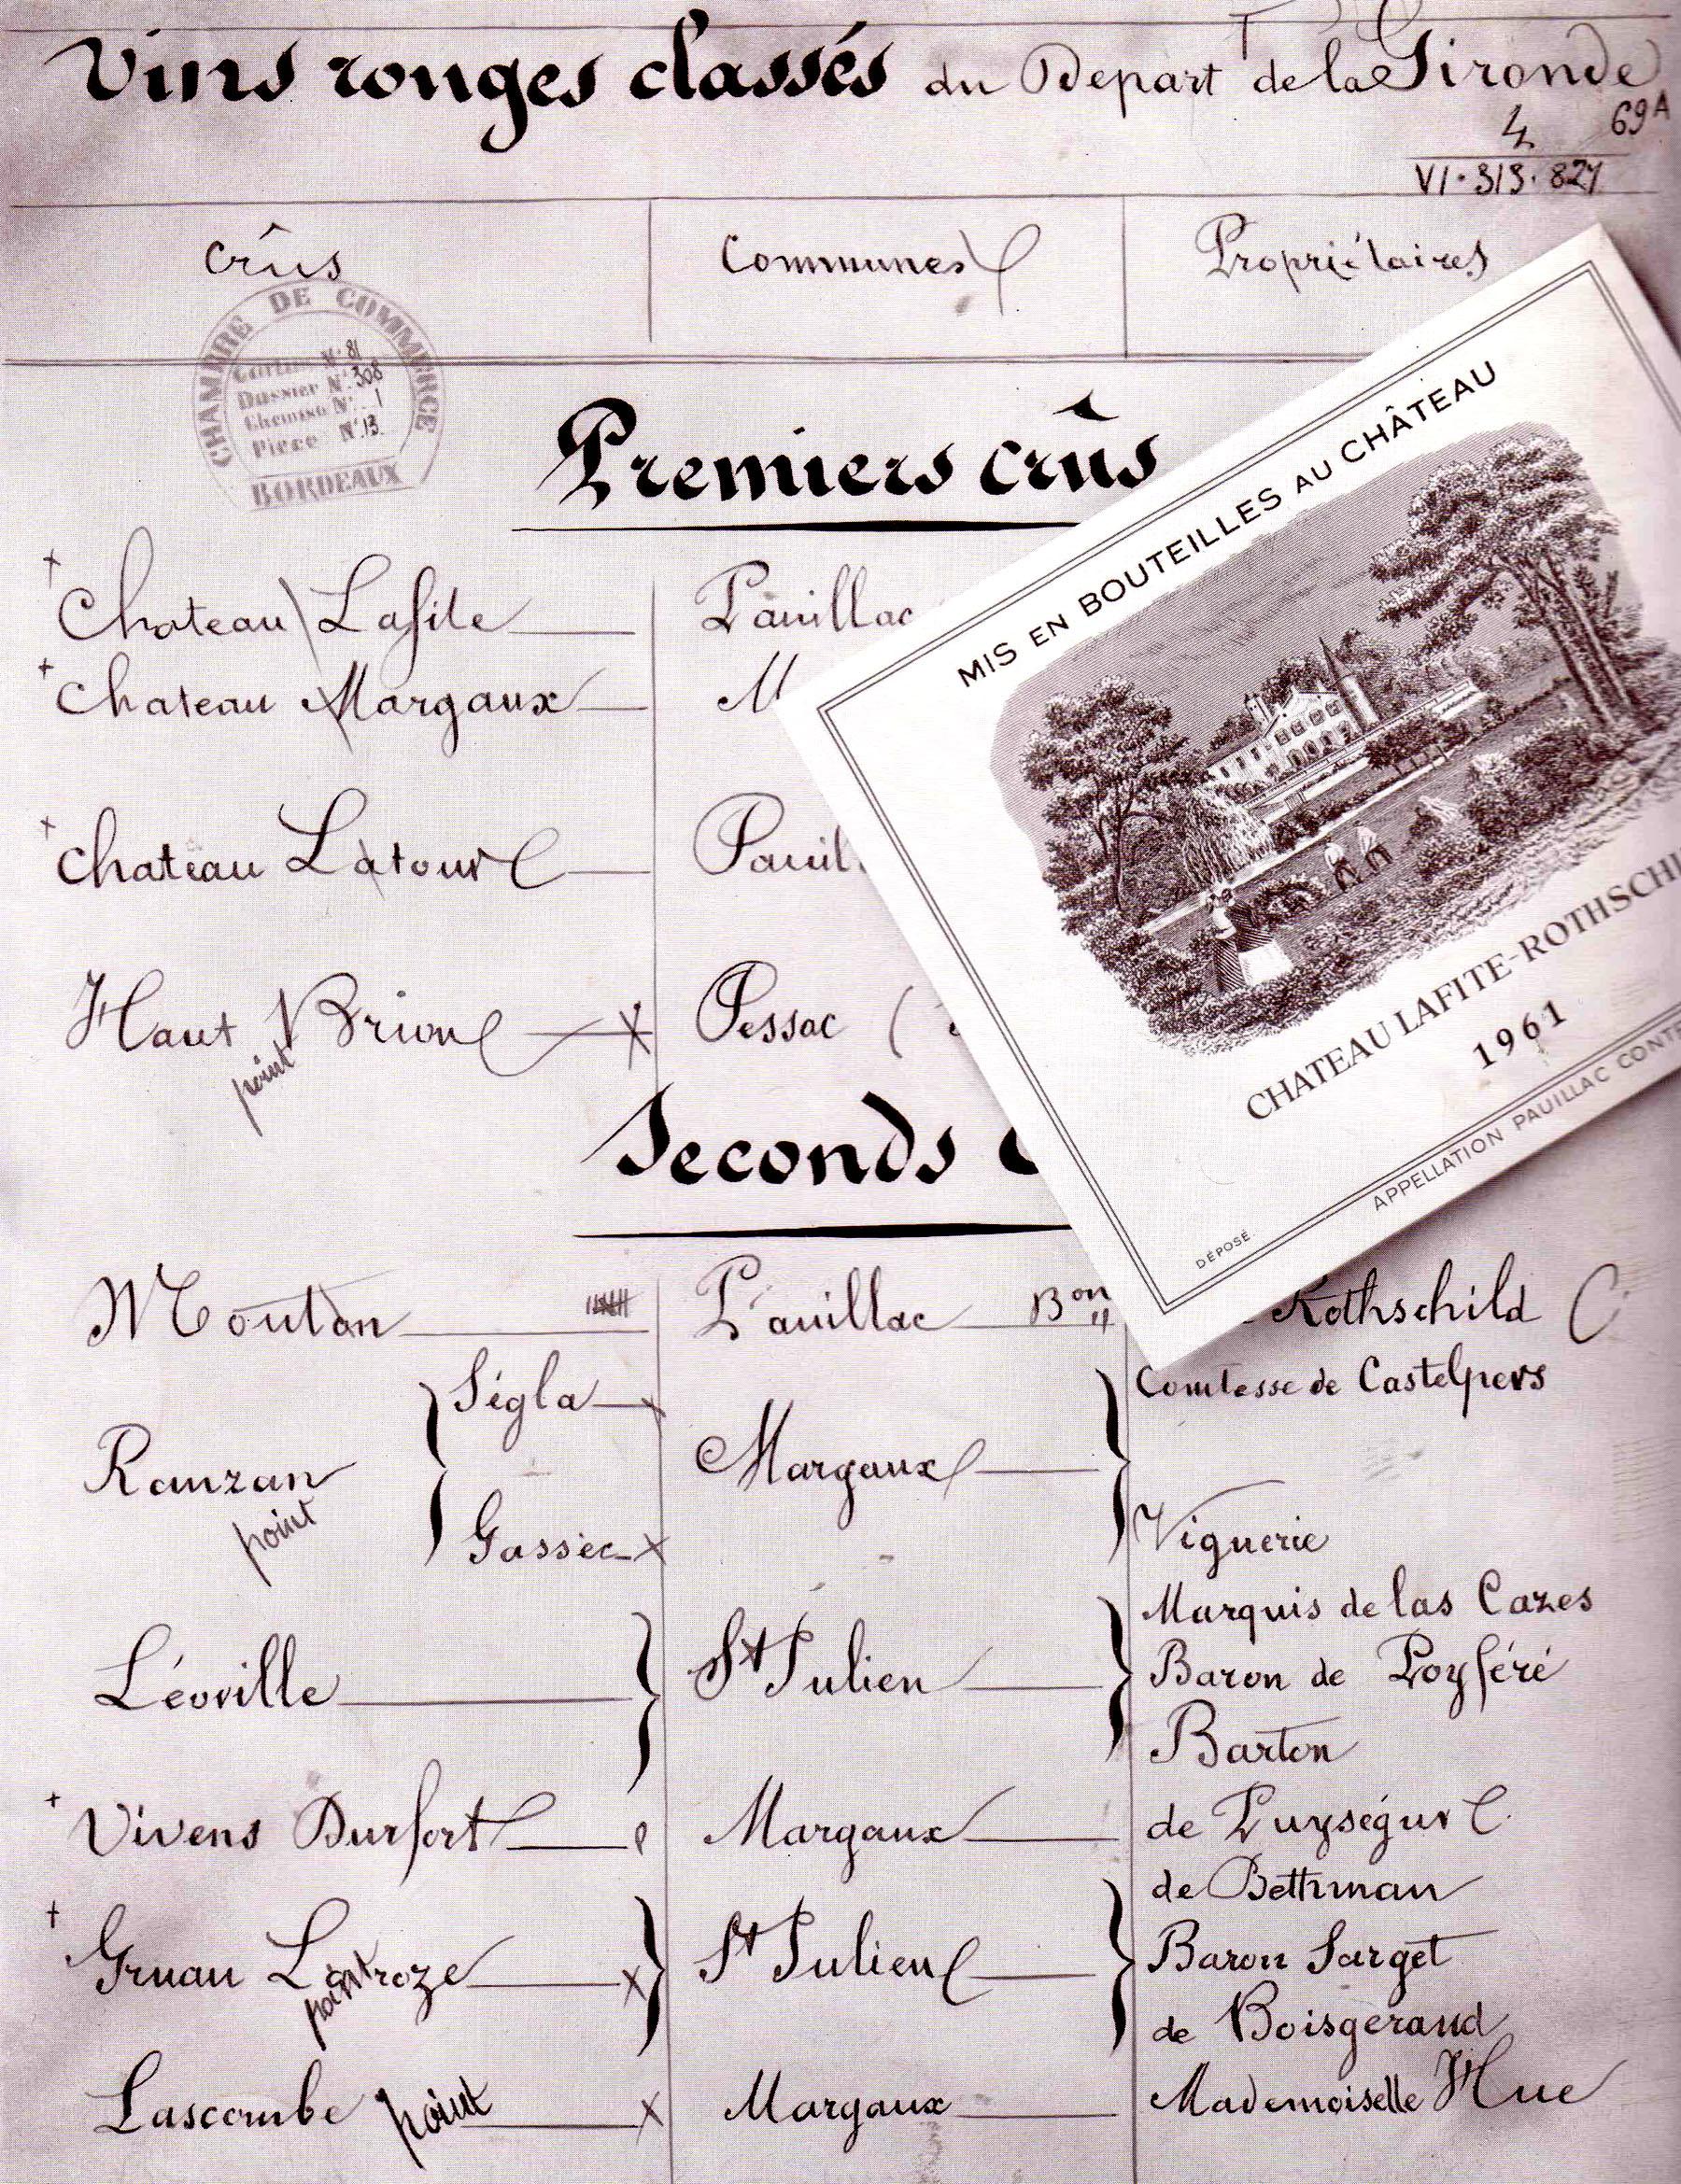 Lafite-classement-1855.jpg